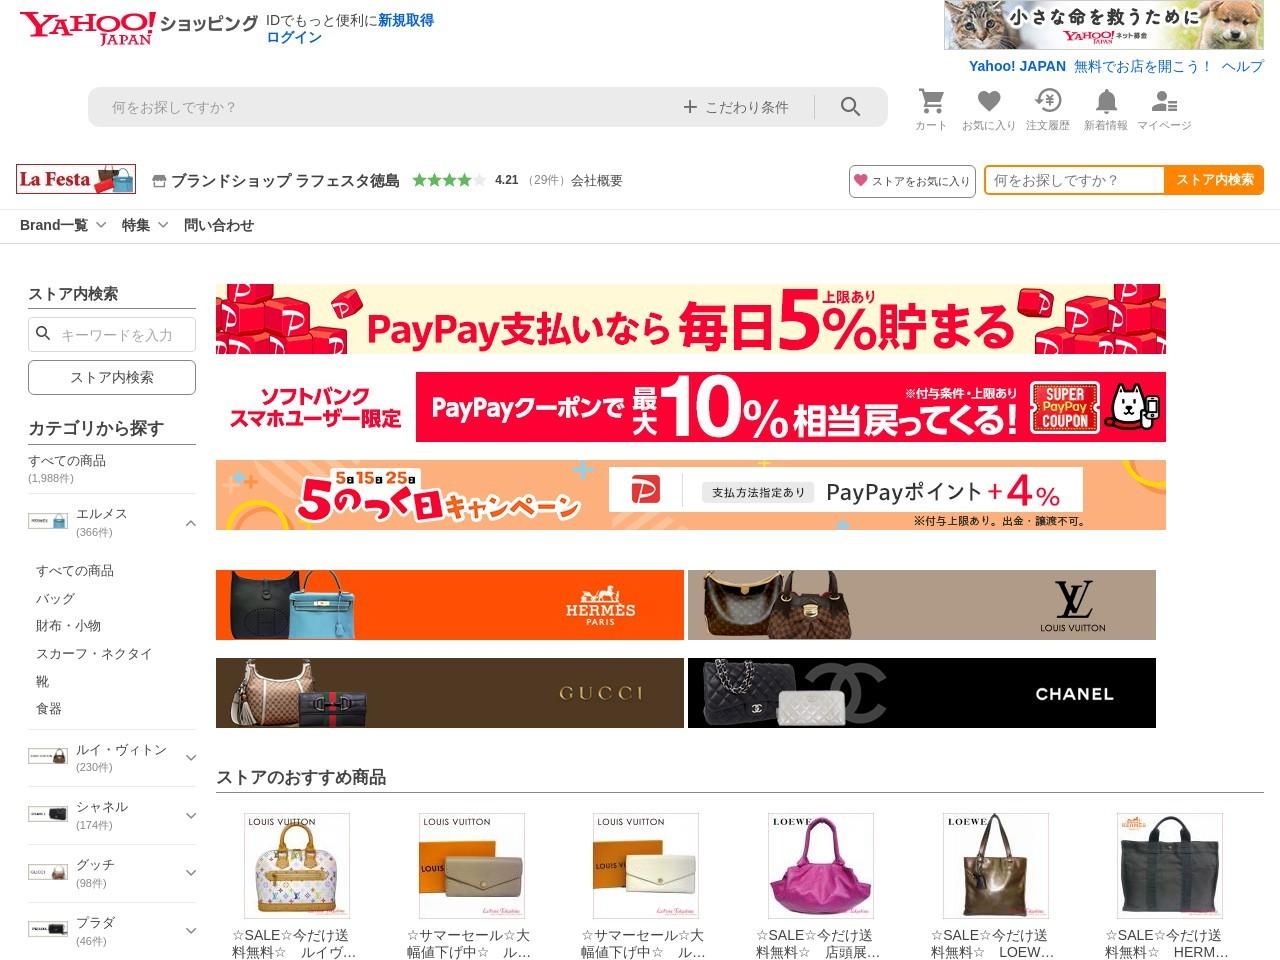 ブランドショップ ラフェスタ徳島 - Yahoo!ショッピング